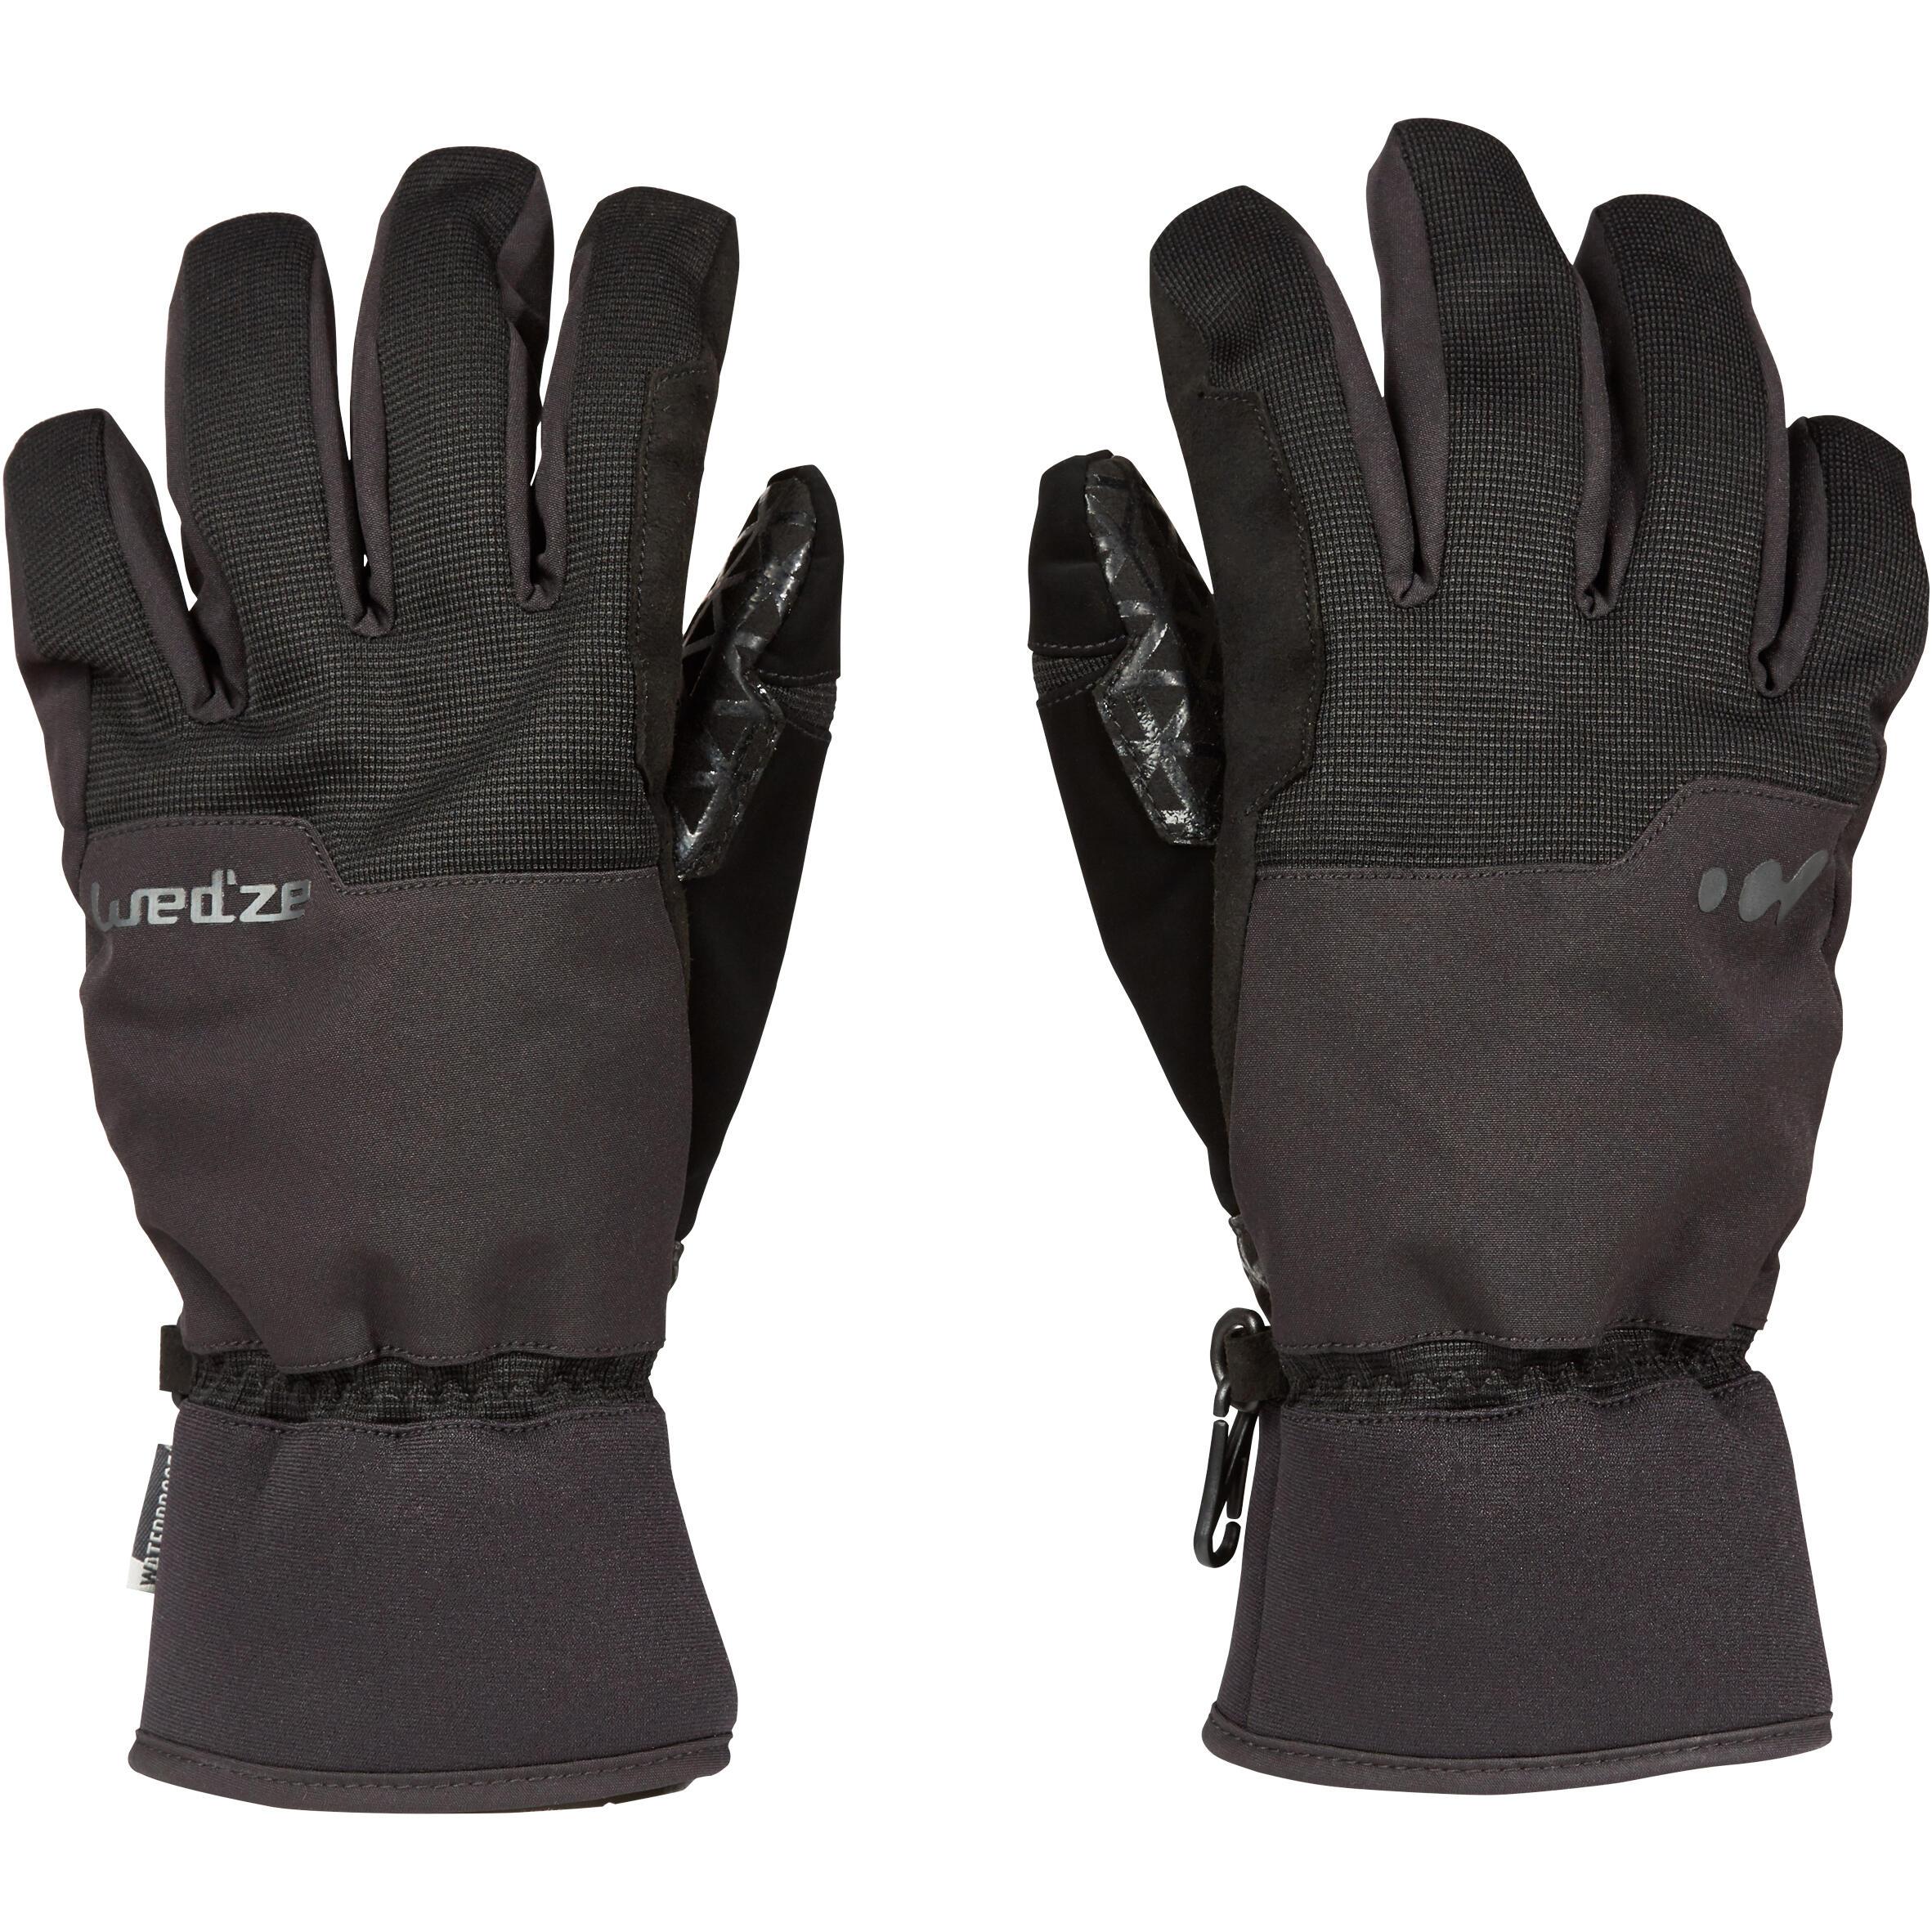 Wed'ze Handschoenen Free 300 voor freestyle snowboarden, voor heren / dames thumbnail